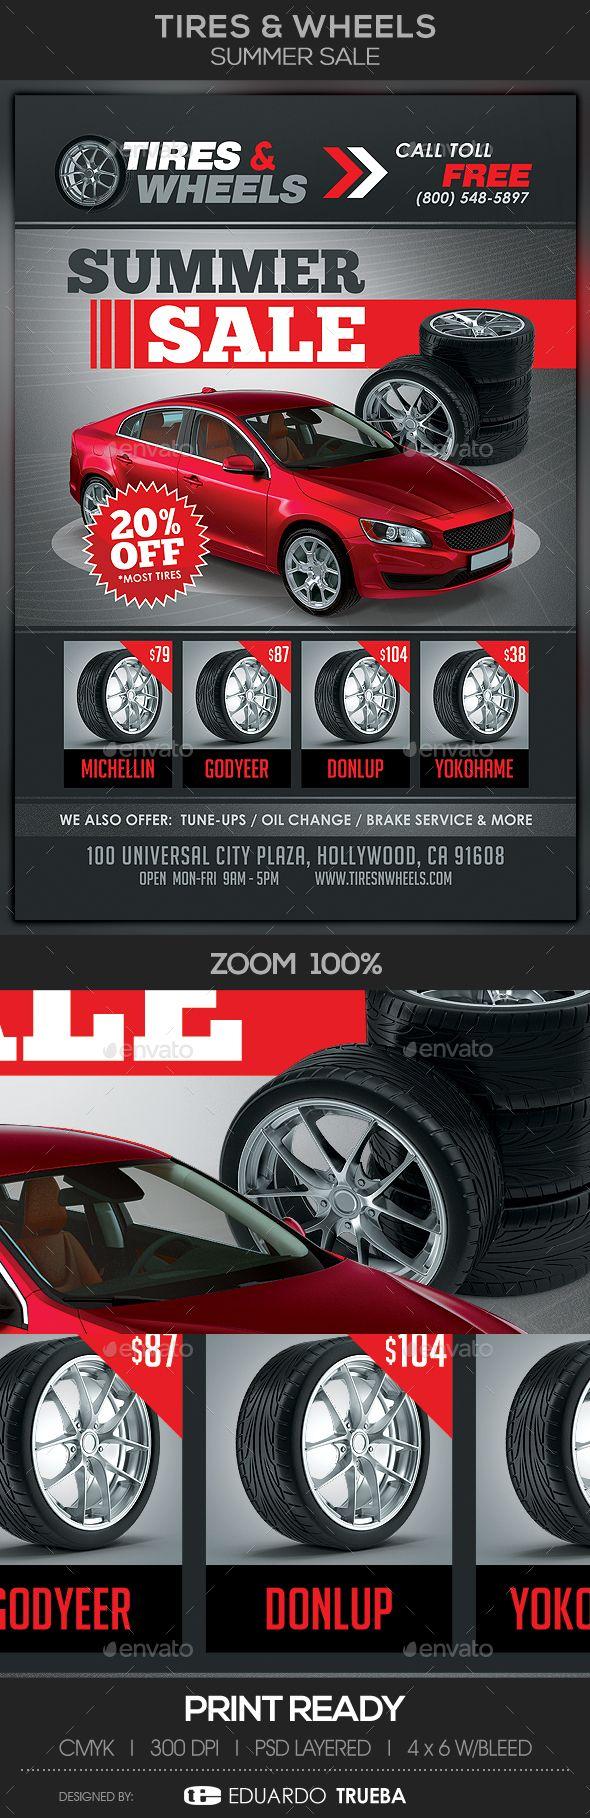 Tires & Wheels Summer Sale Flyer Template   Publicidad en autos ...